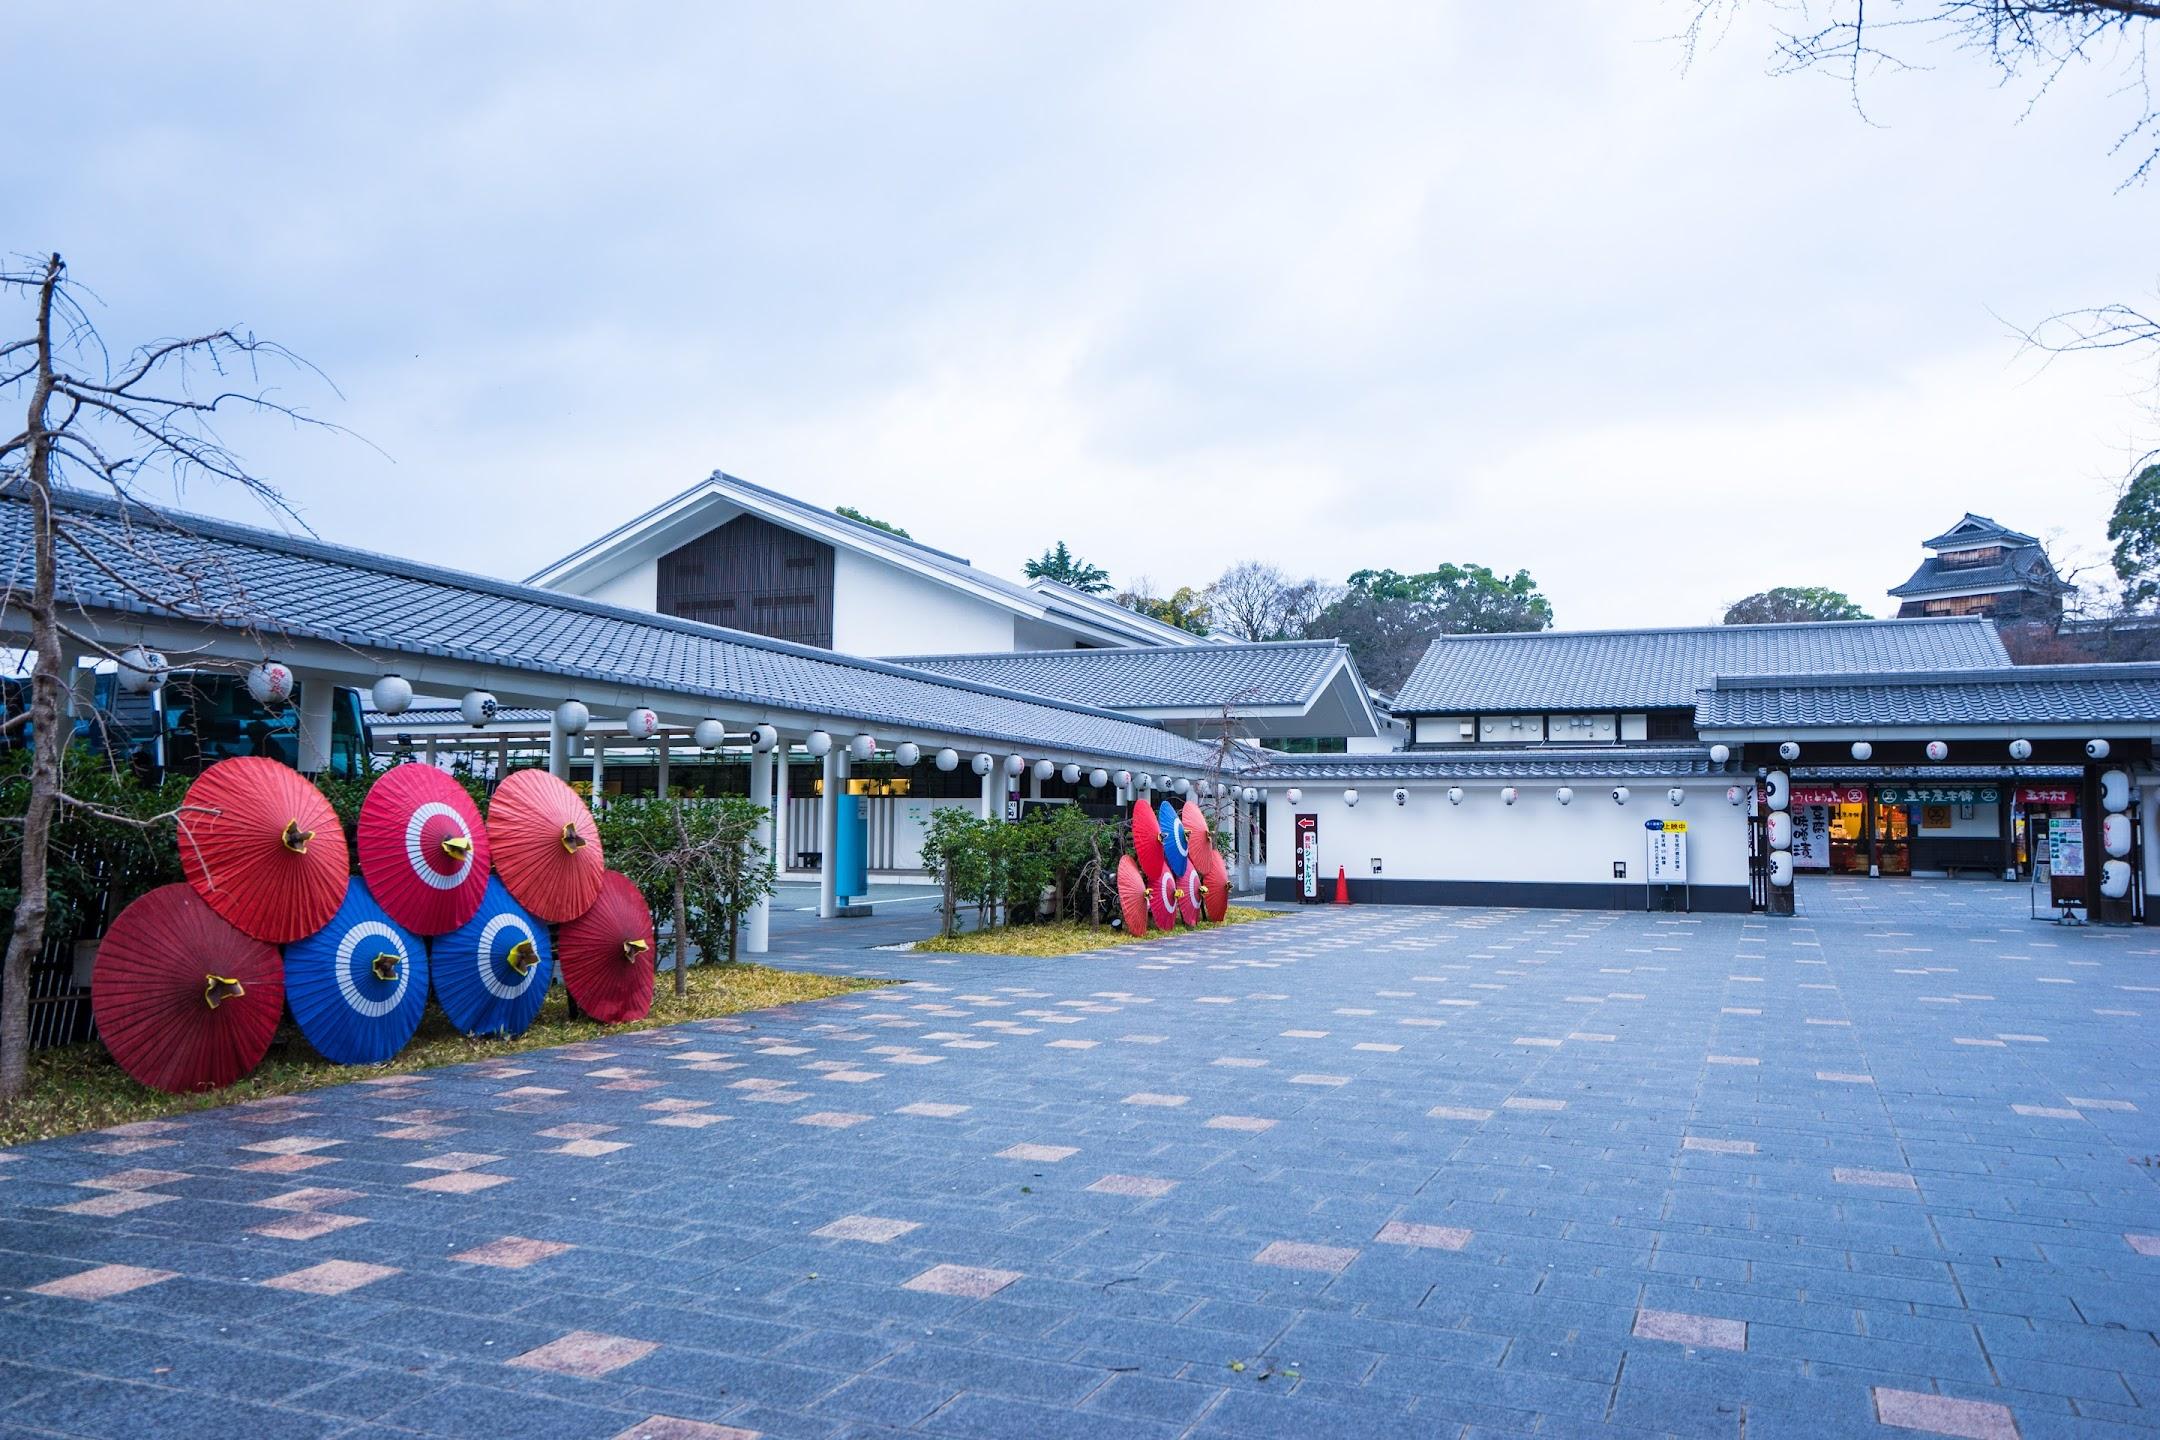 熊本城 桜の馬場 城彩苑1